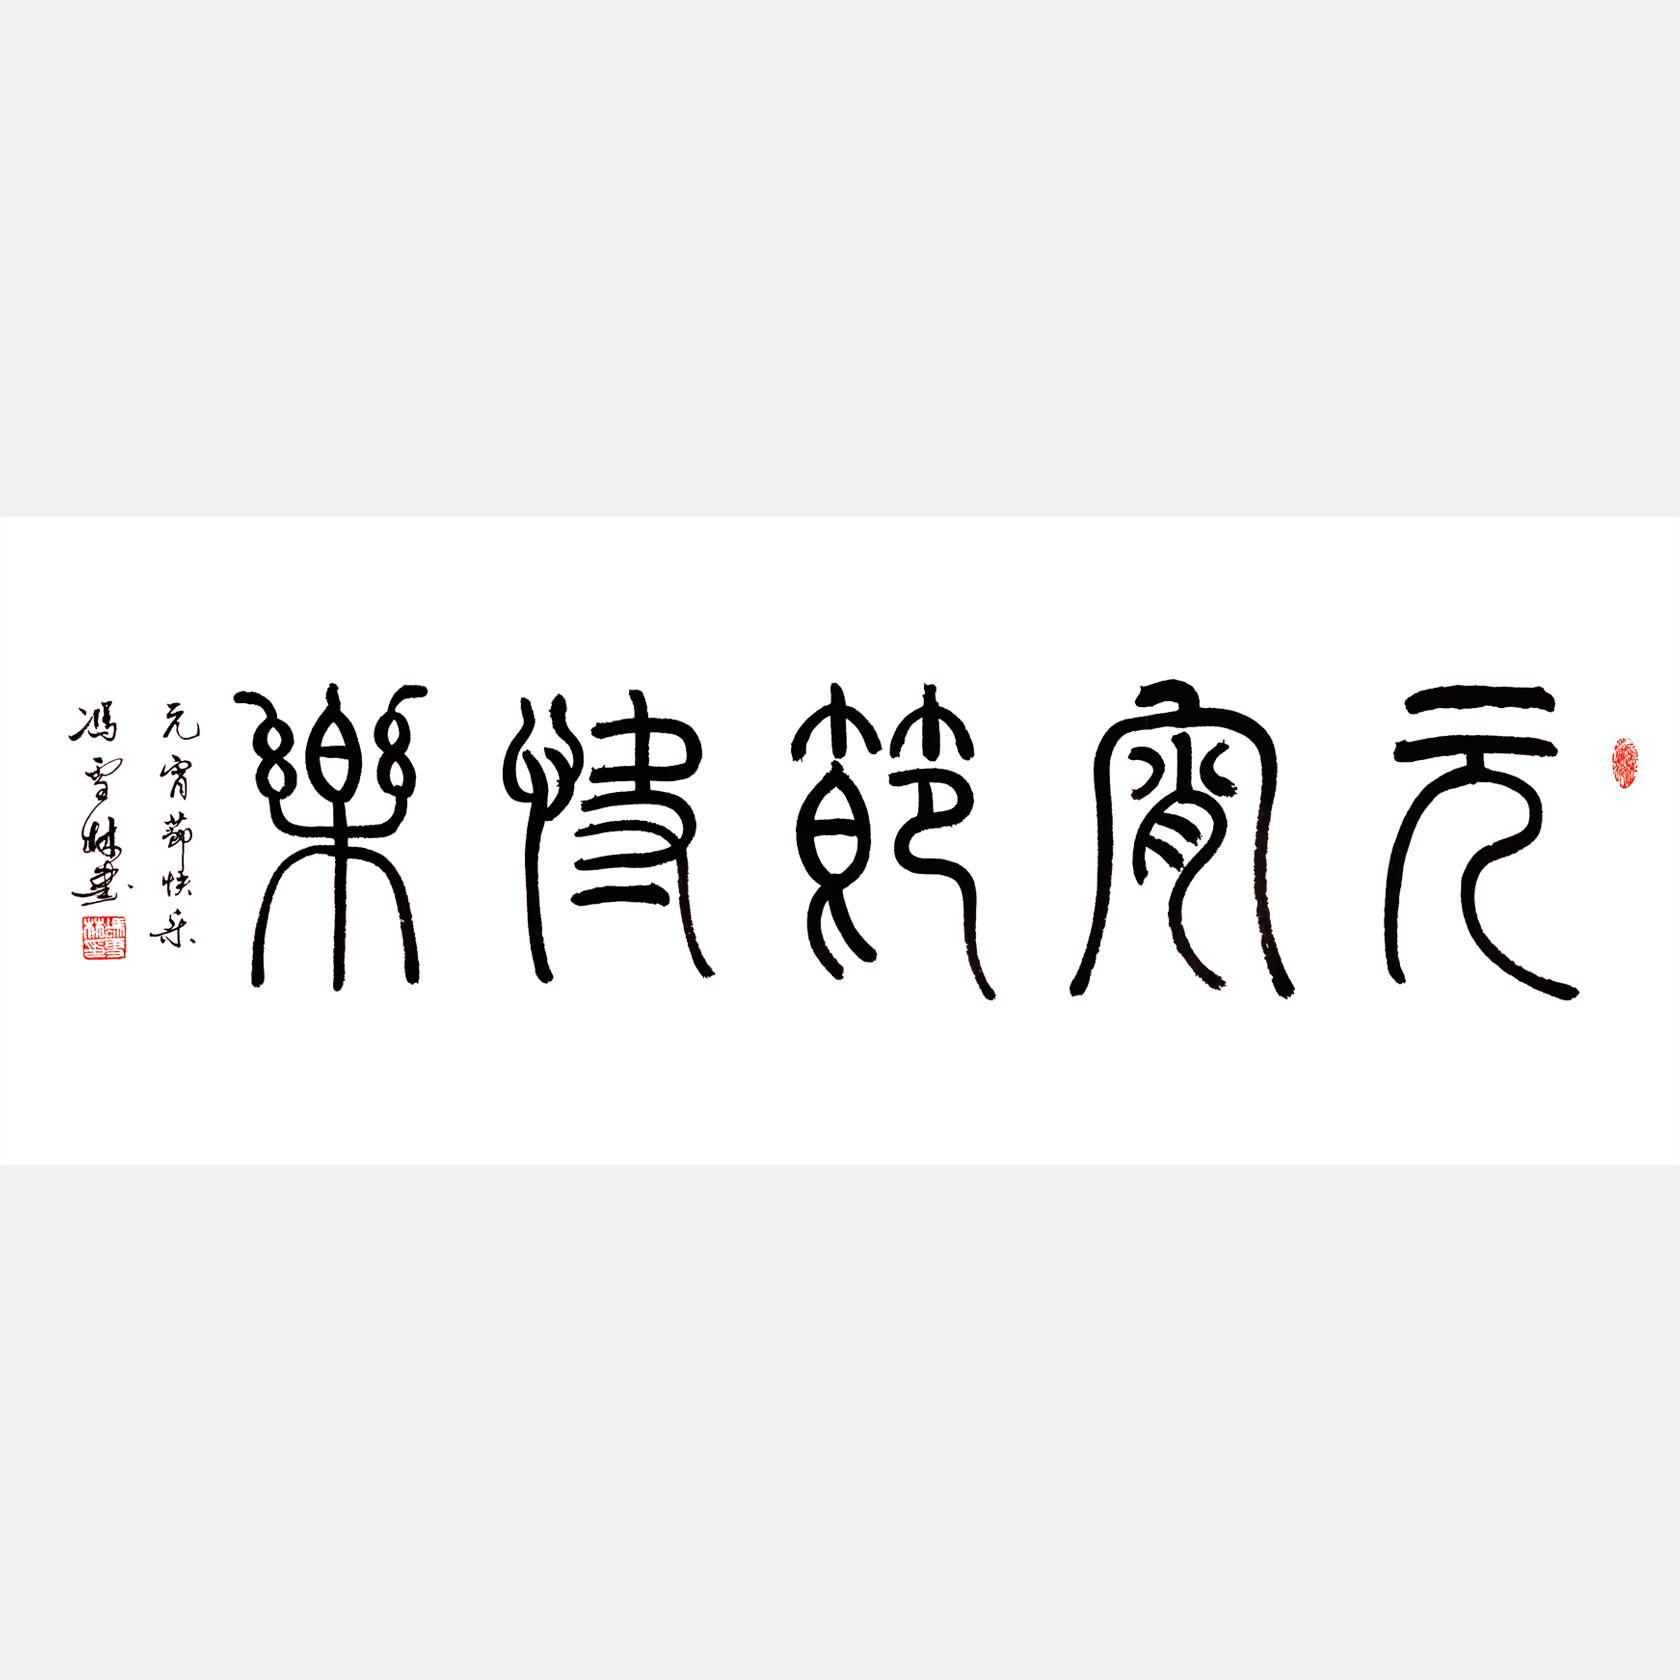 元宵节快乐 篆书书法作品 元宵书法字画 中国民俗节日字画